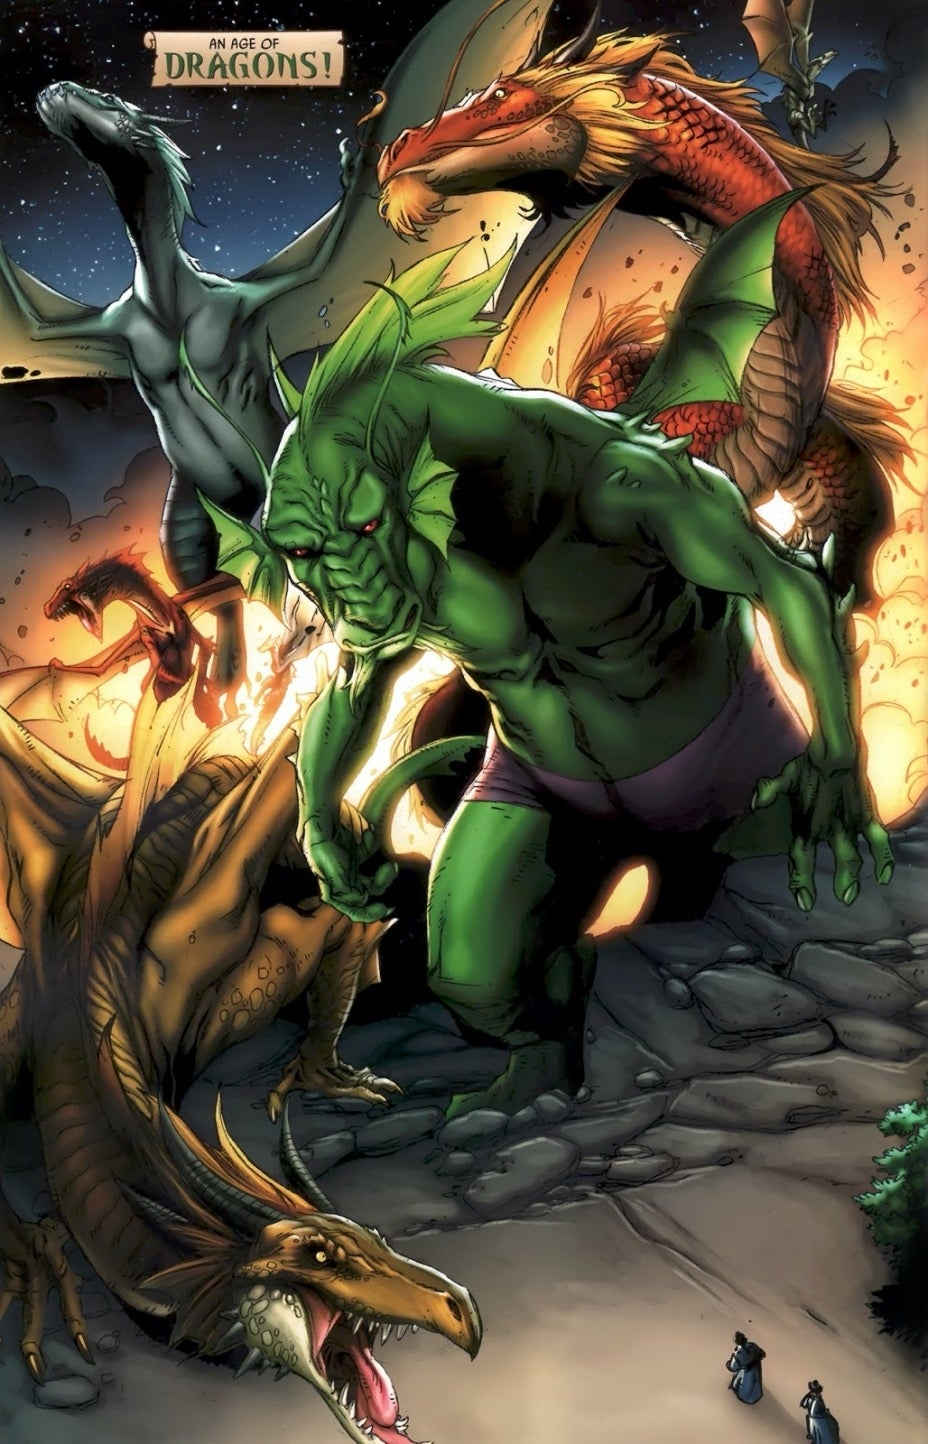 Marvel Makluans dragons